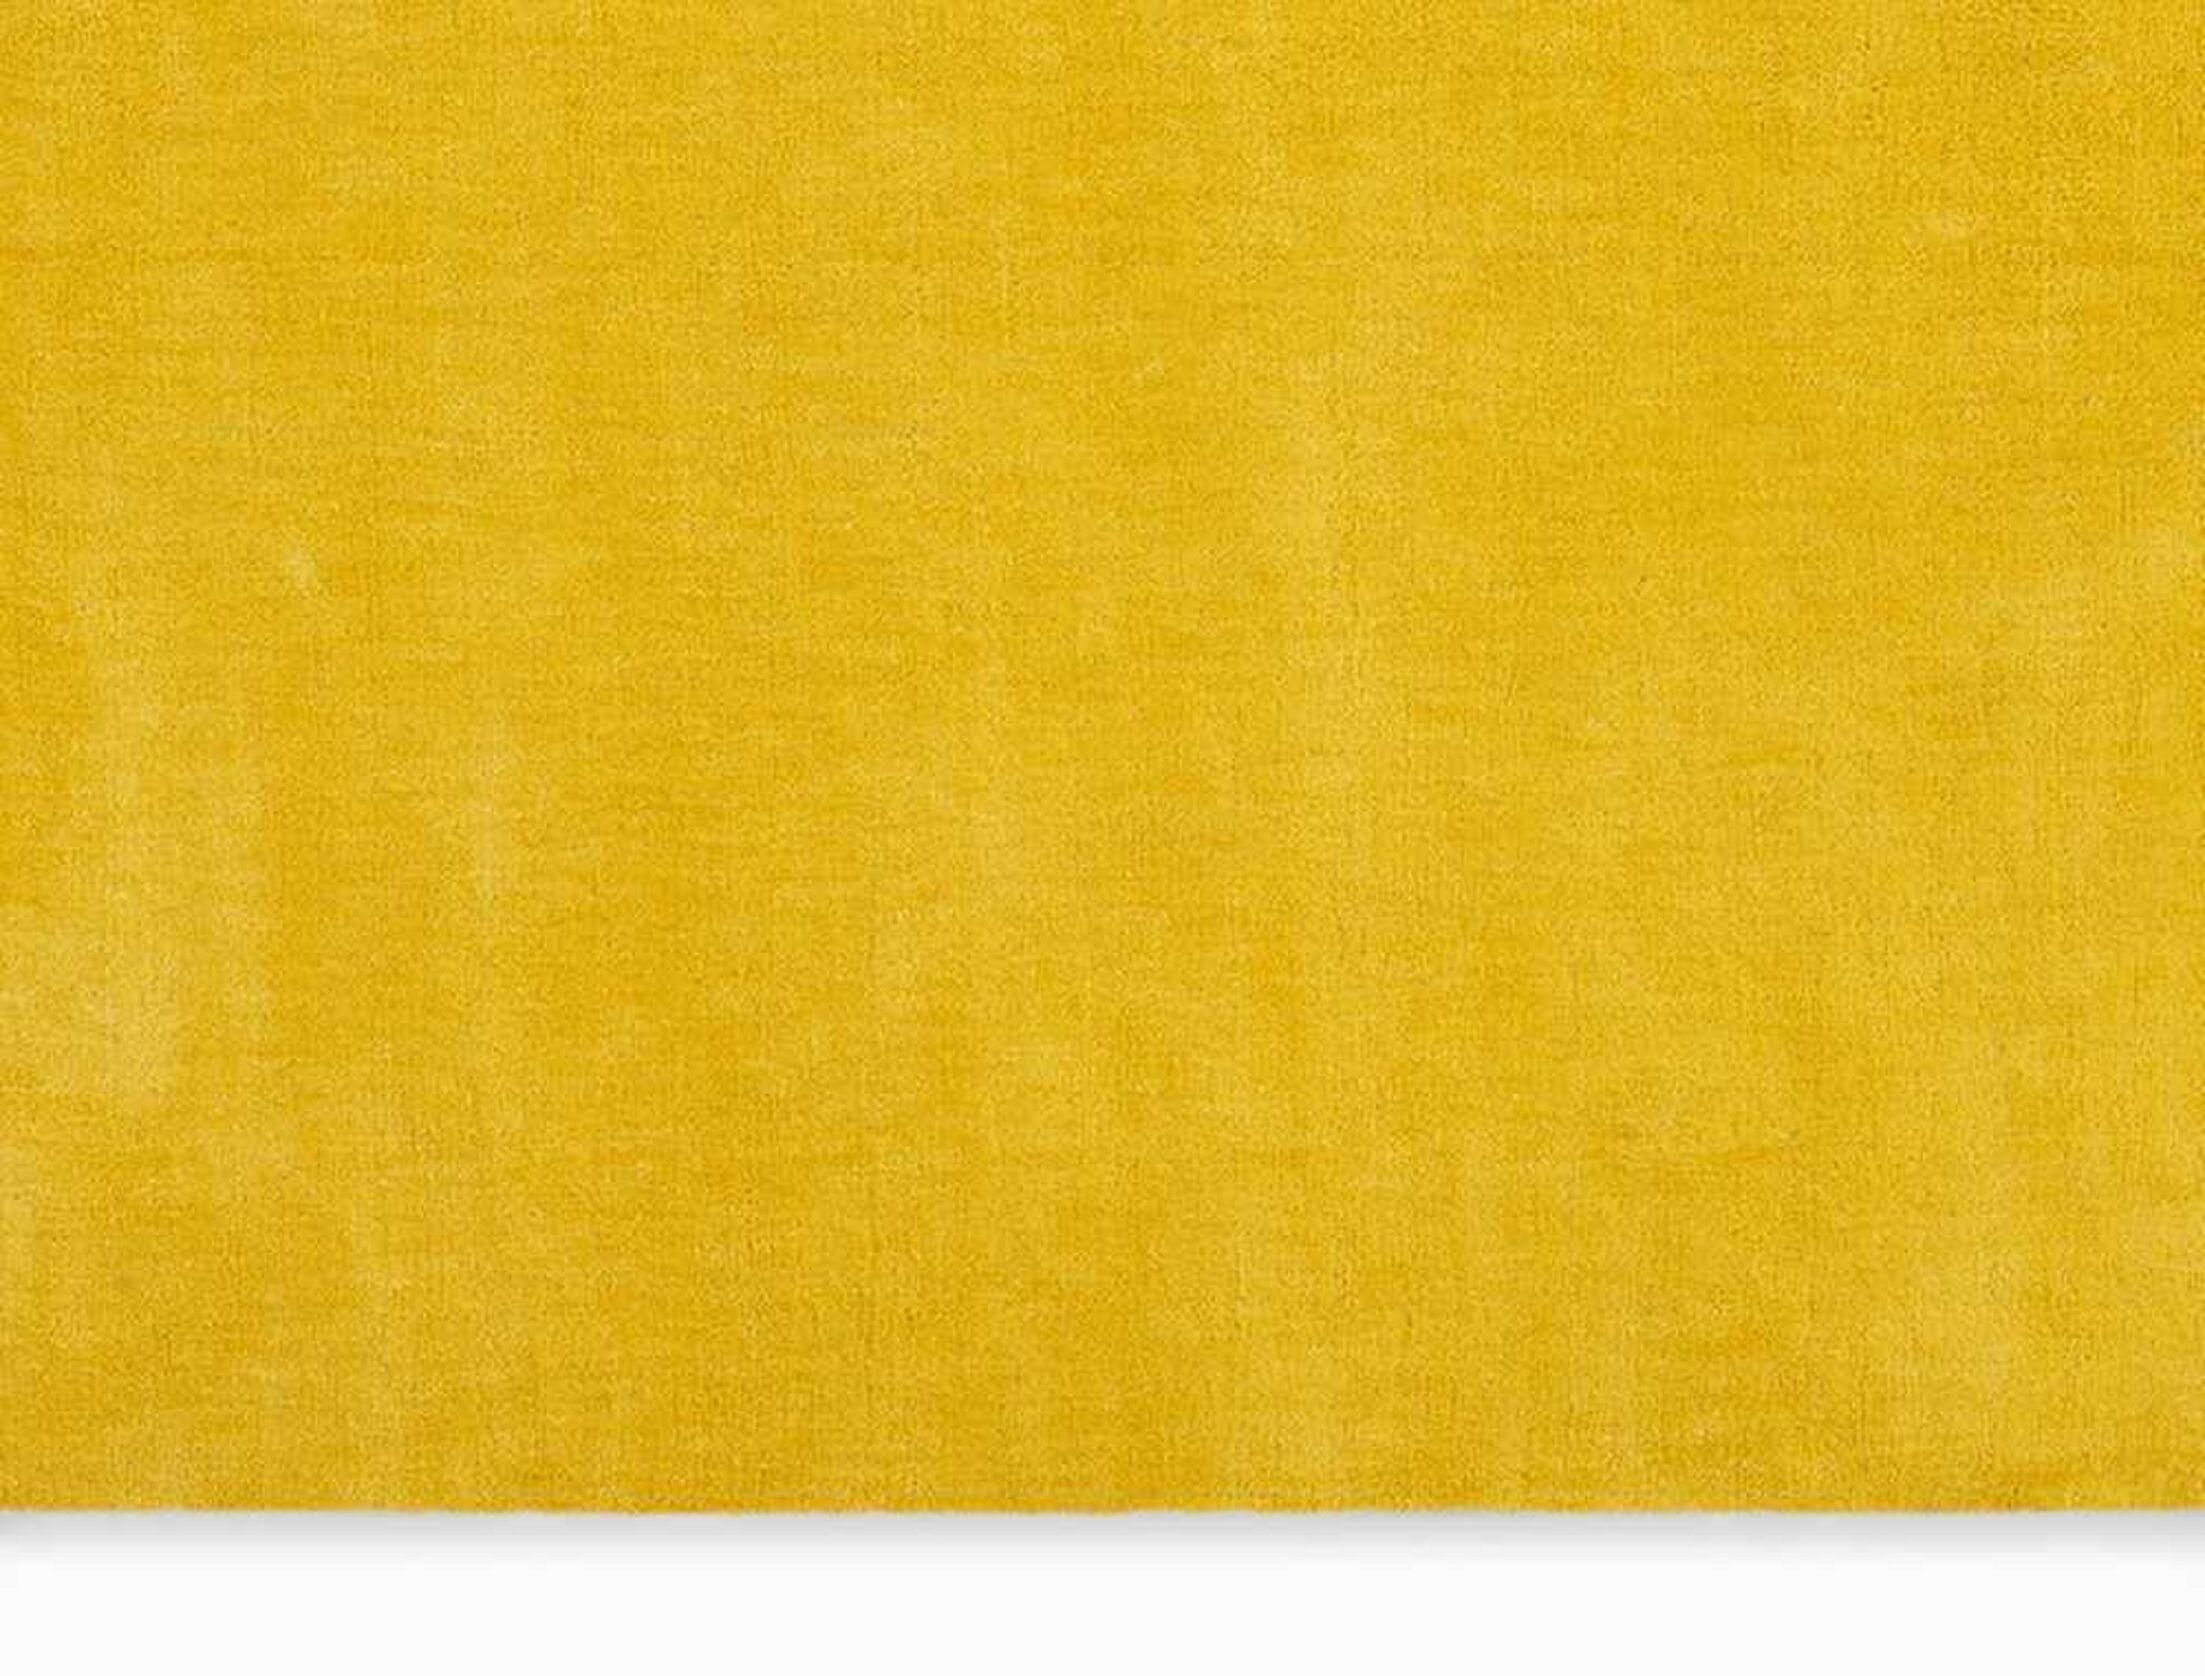 LA Hand-Woven Yellow Area Rug Rug Size: Rectangle 4' x 6'